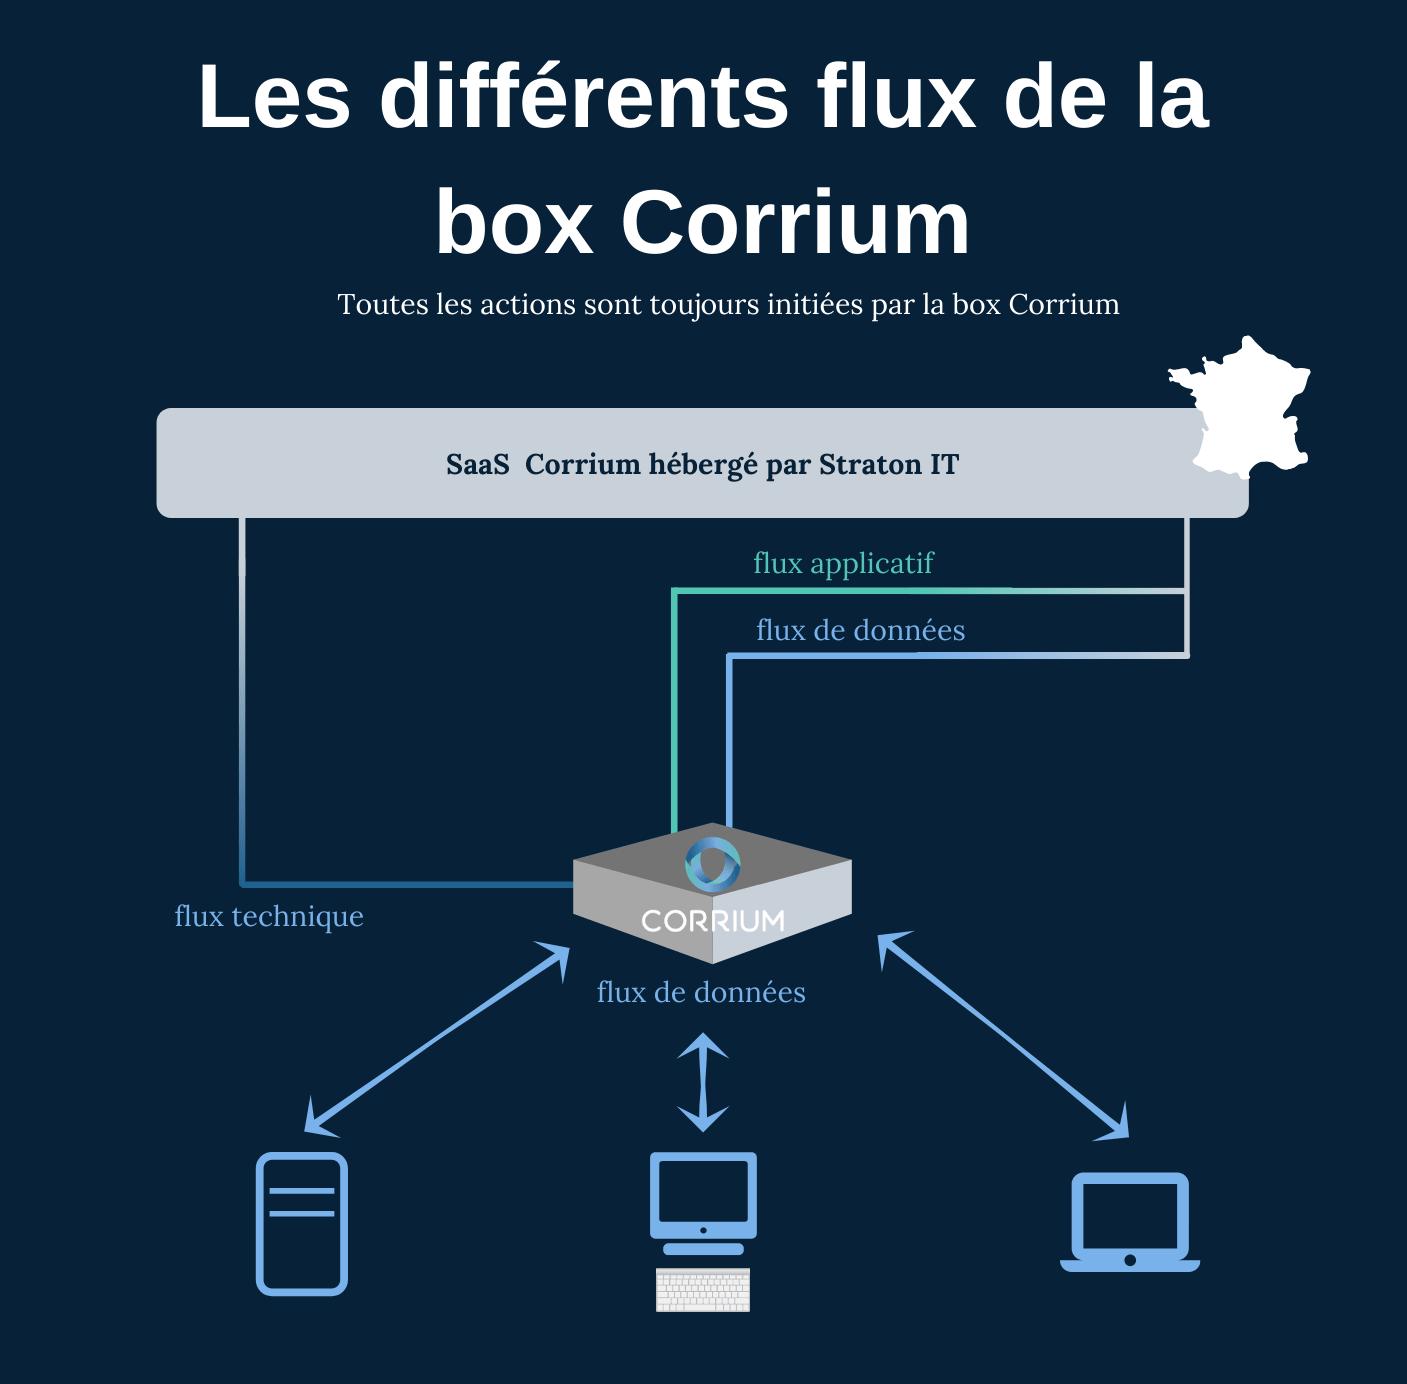 différents flux de la box